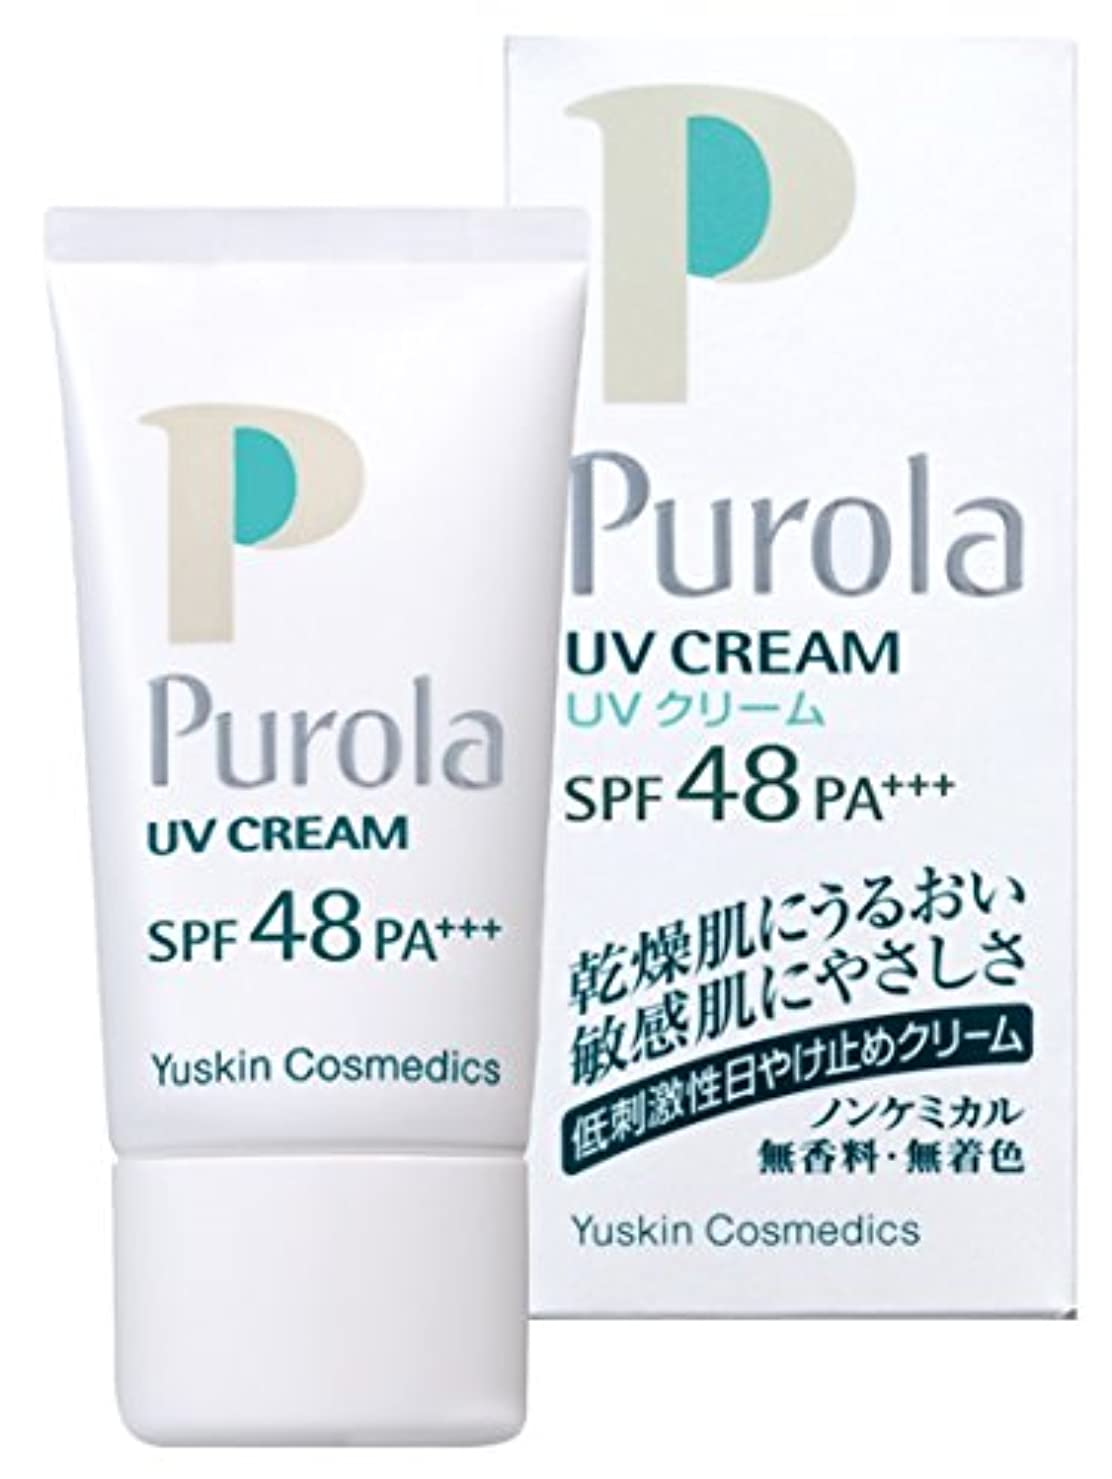 頭地中海サスペンドプローラ UVクリーム 30g SPF48 PA+++ (敏感肌用 日焼け止め)